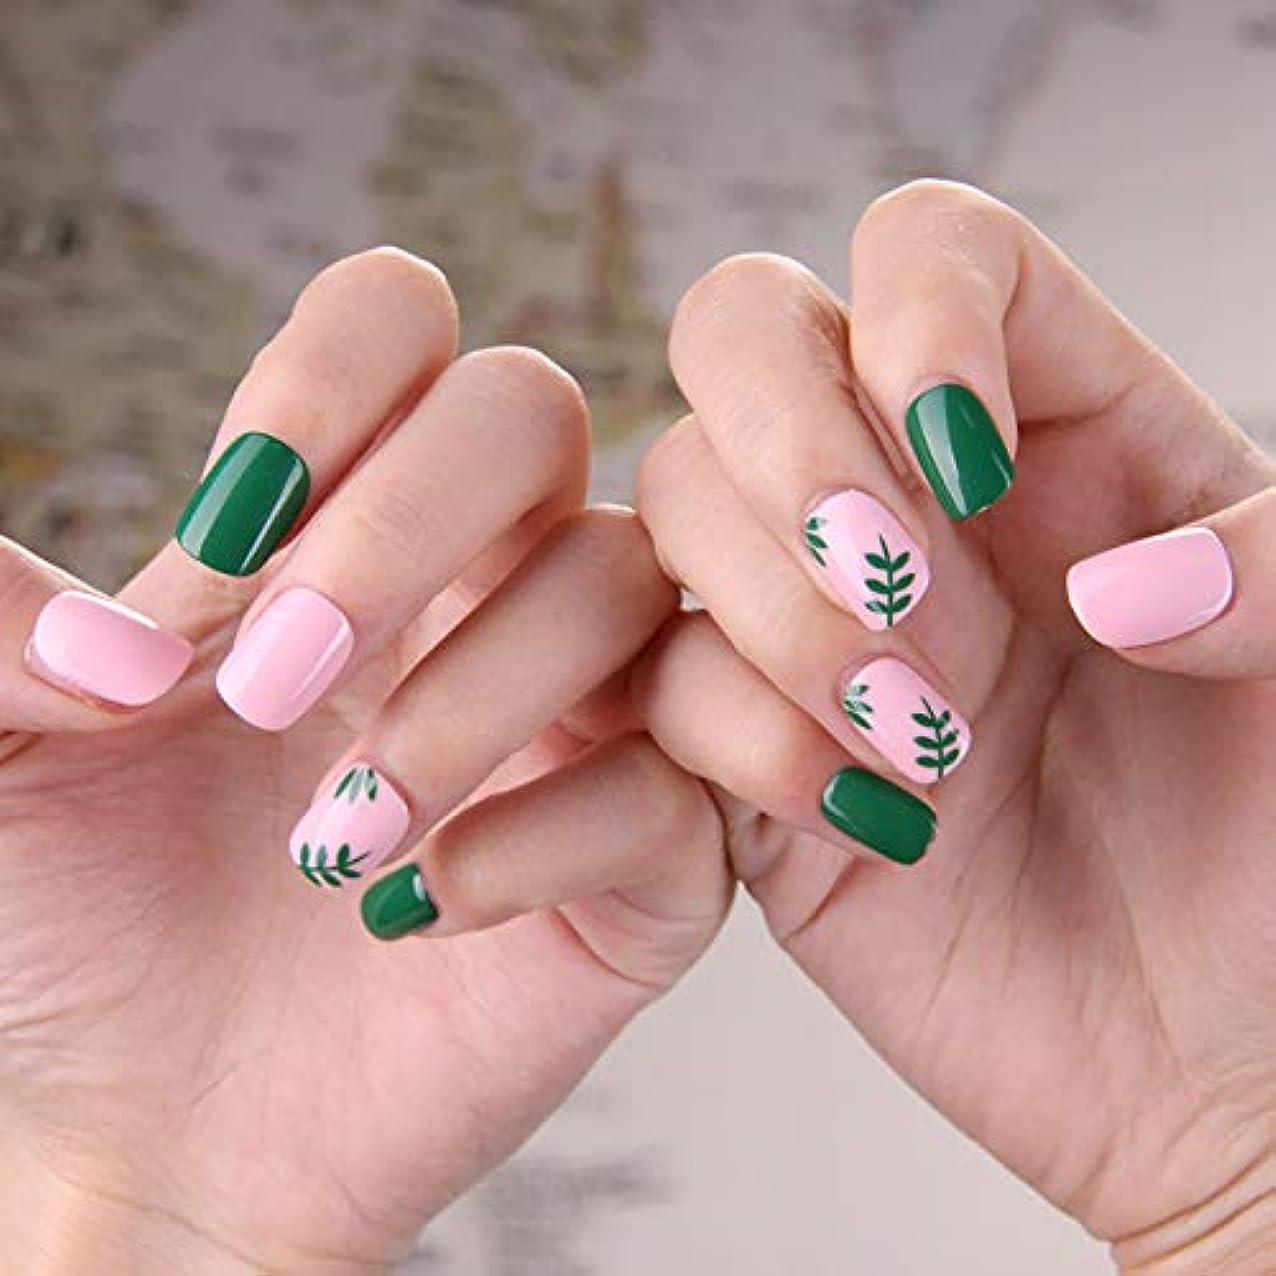 伝統公使館多用途可愛い優雅ネイル 女性気質 手作りネイルチップ 24枚入 簡単に爪を取り除くことができます フレンチネイルチップ 二次会ネイルチップ 結婚式ネイルチップ (粉と緑 グリーン)